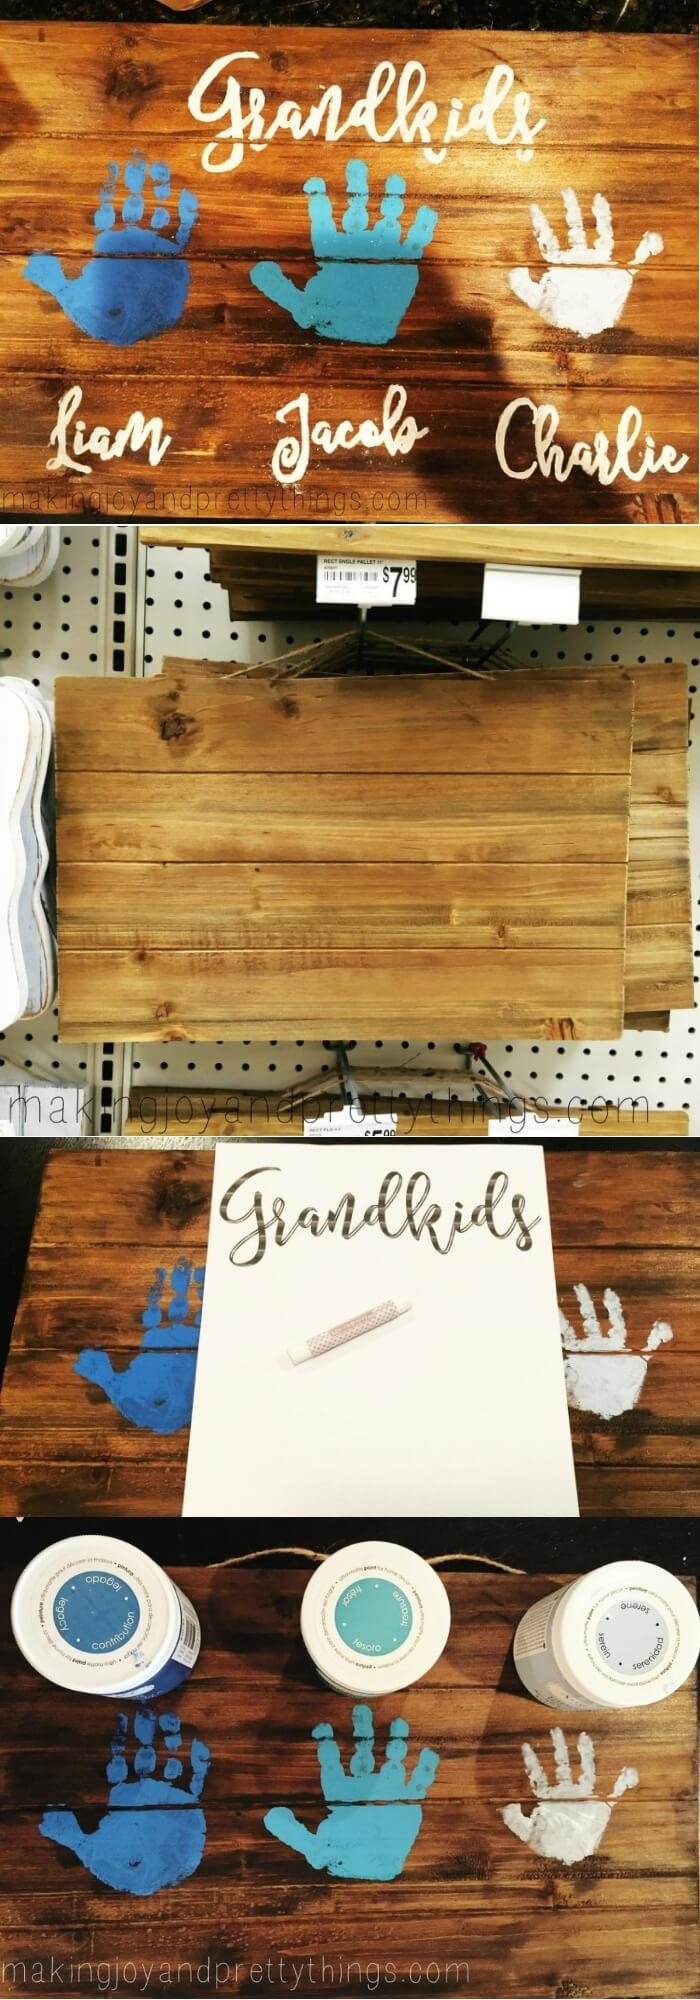 Geschenke für Großeltern von Enkeln, Handabdrücke von Kindern auf Holzbrett in blau und weiß, DIY Anleitung